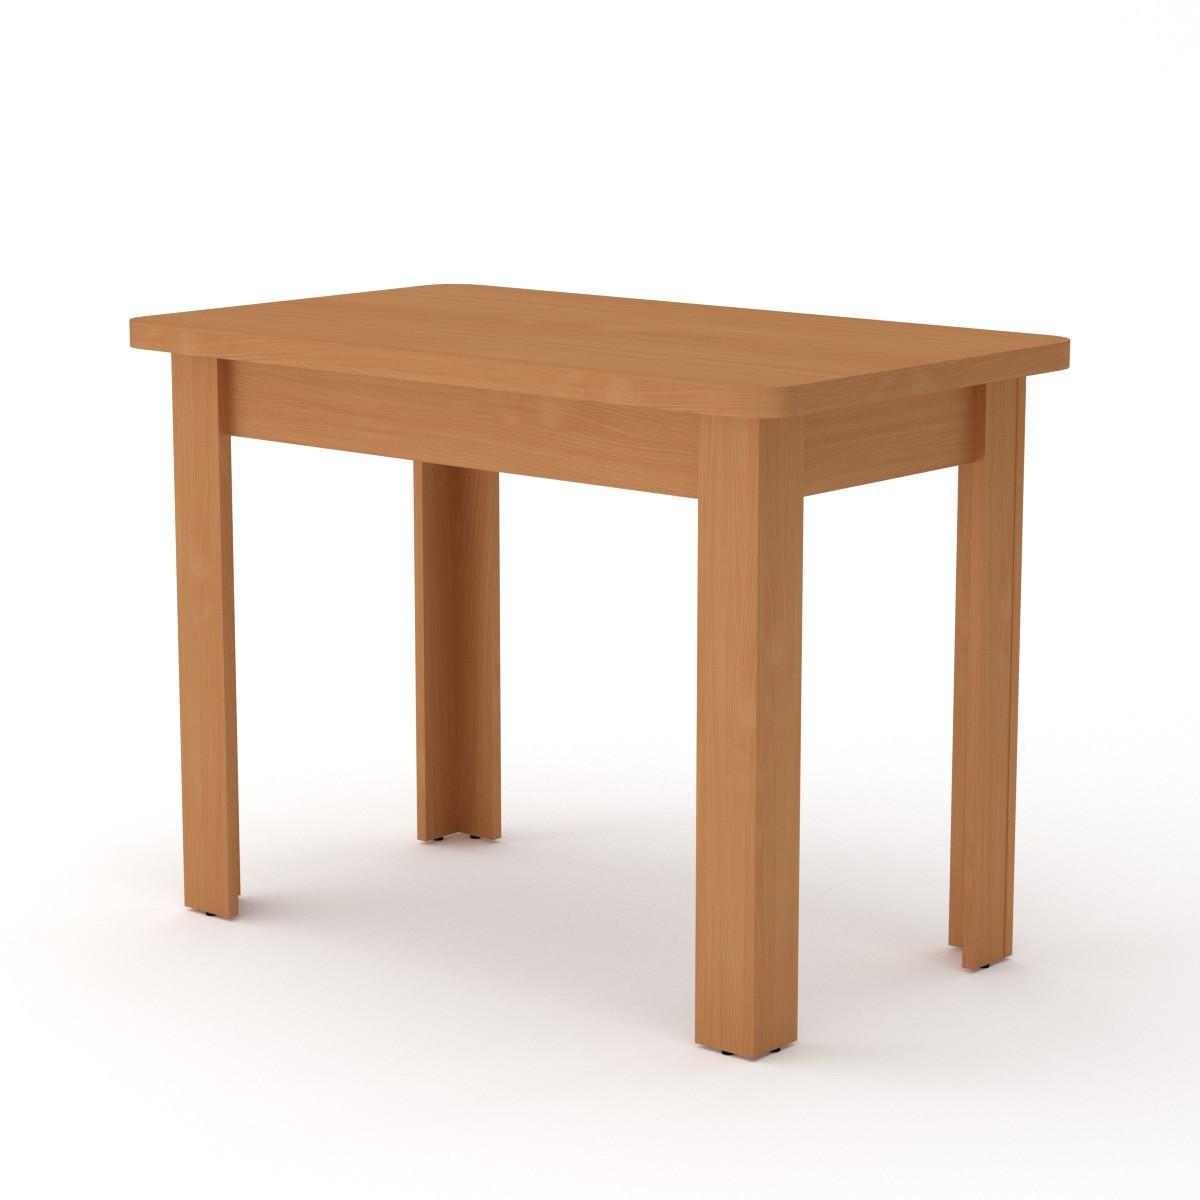 Стол кухонный КС-6 ольха Компанит (100х60х74 см)